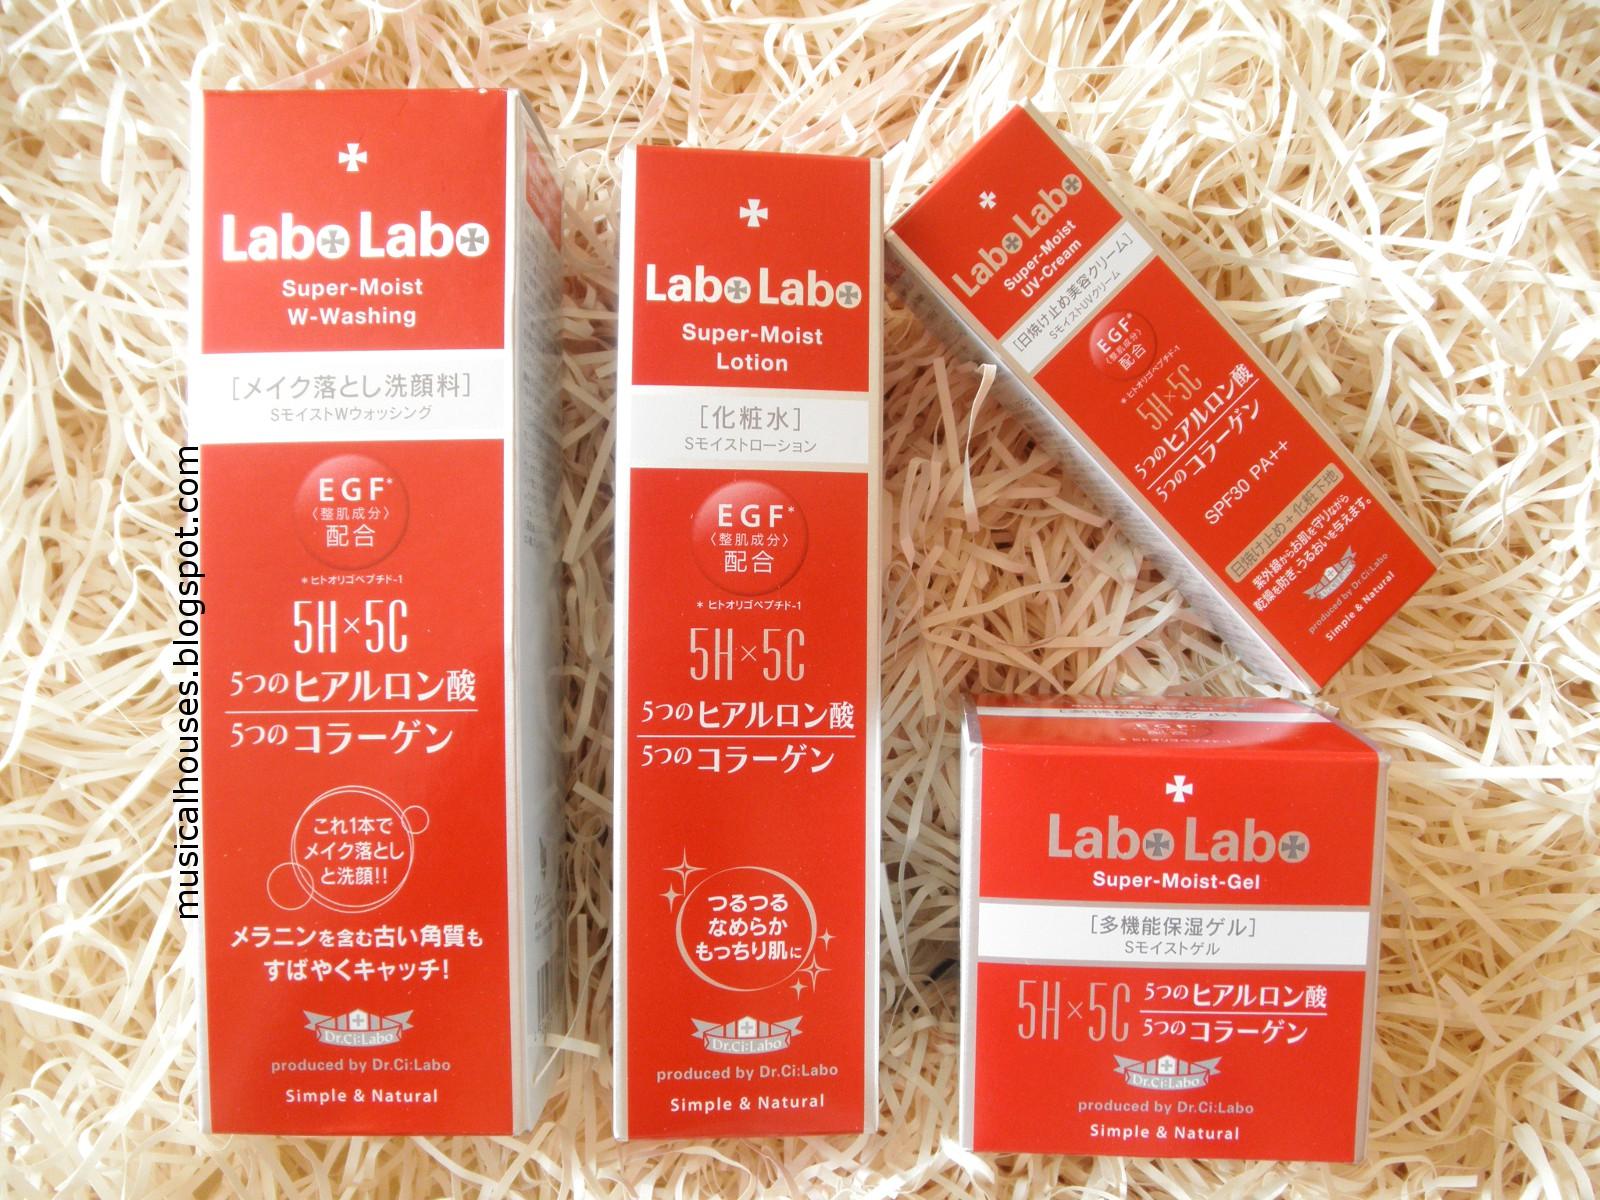 Labo Labo Super Moist 5H5C Dr Ci Labo Skincare